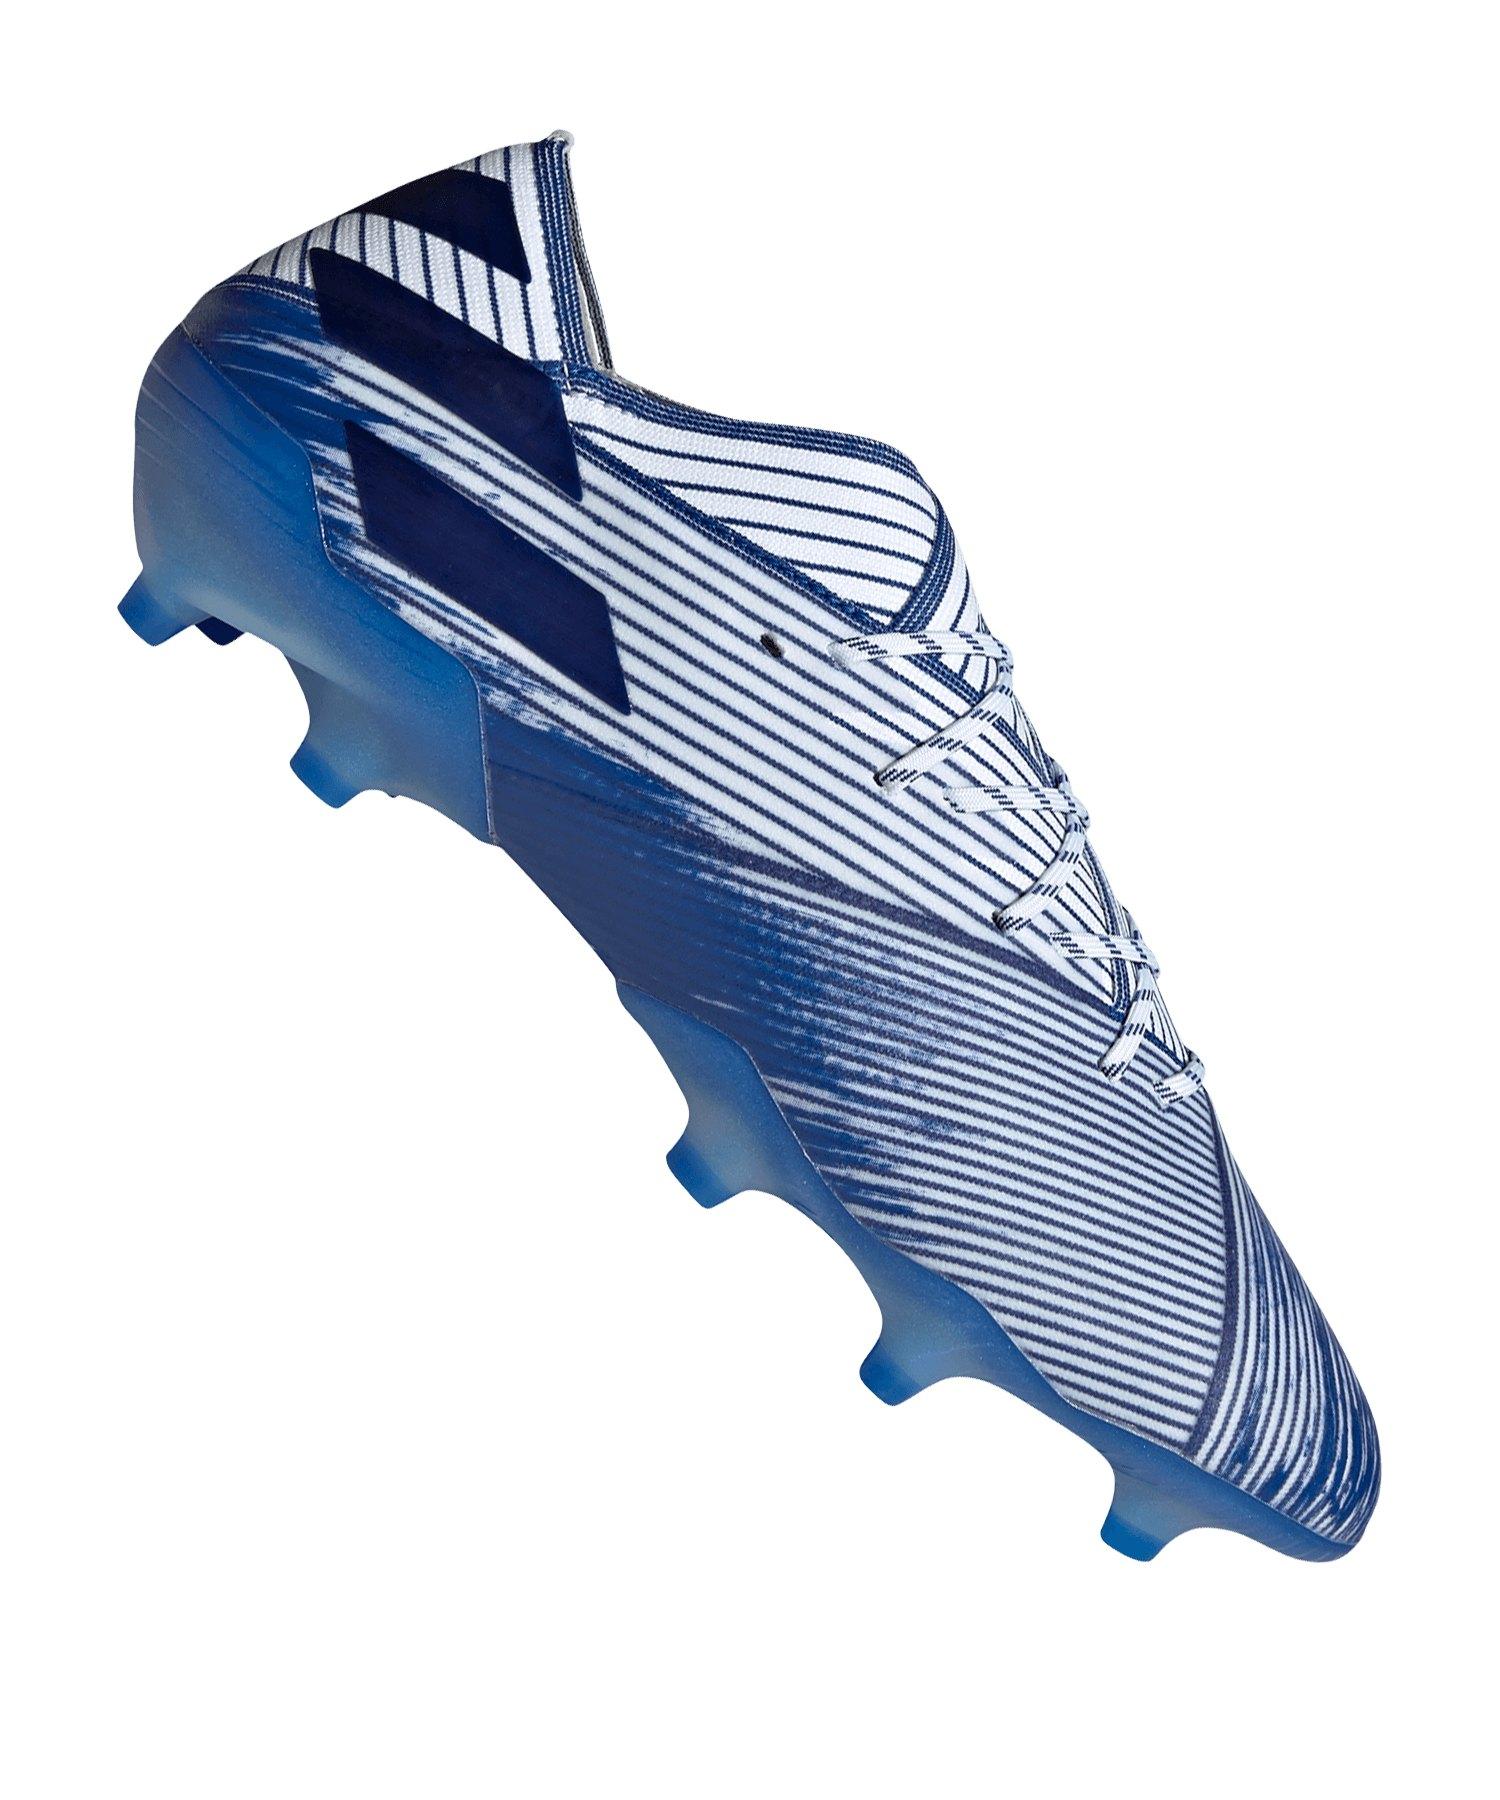 adidas NEMEZIZ 19.1 FG Weiss Blau